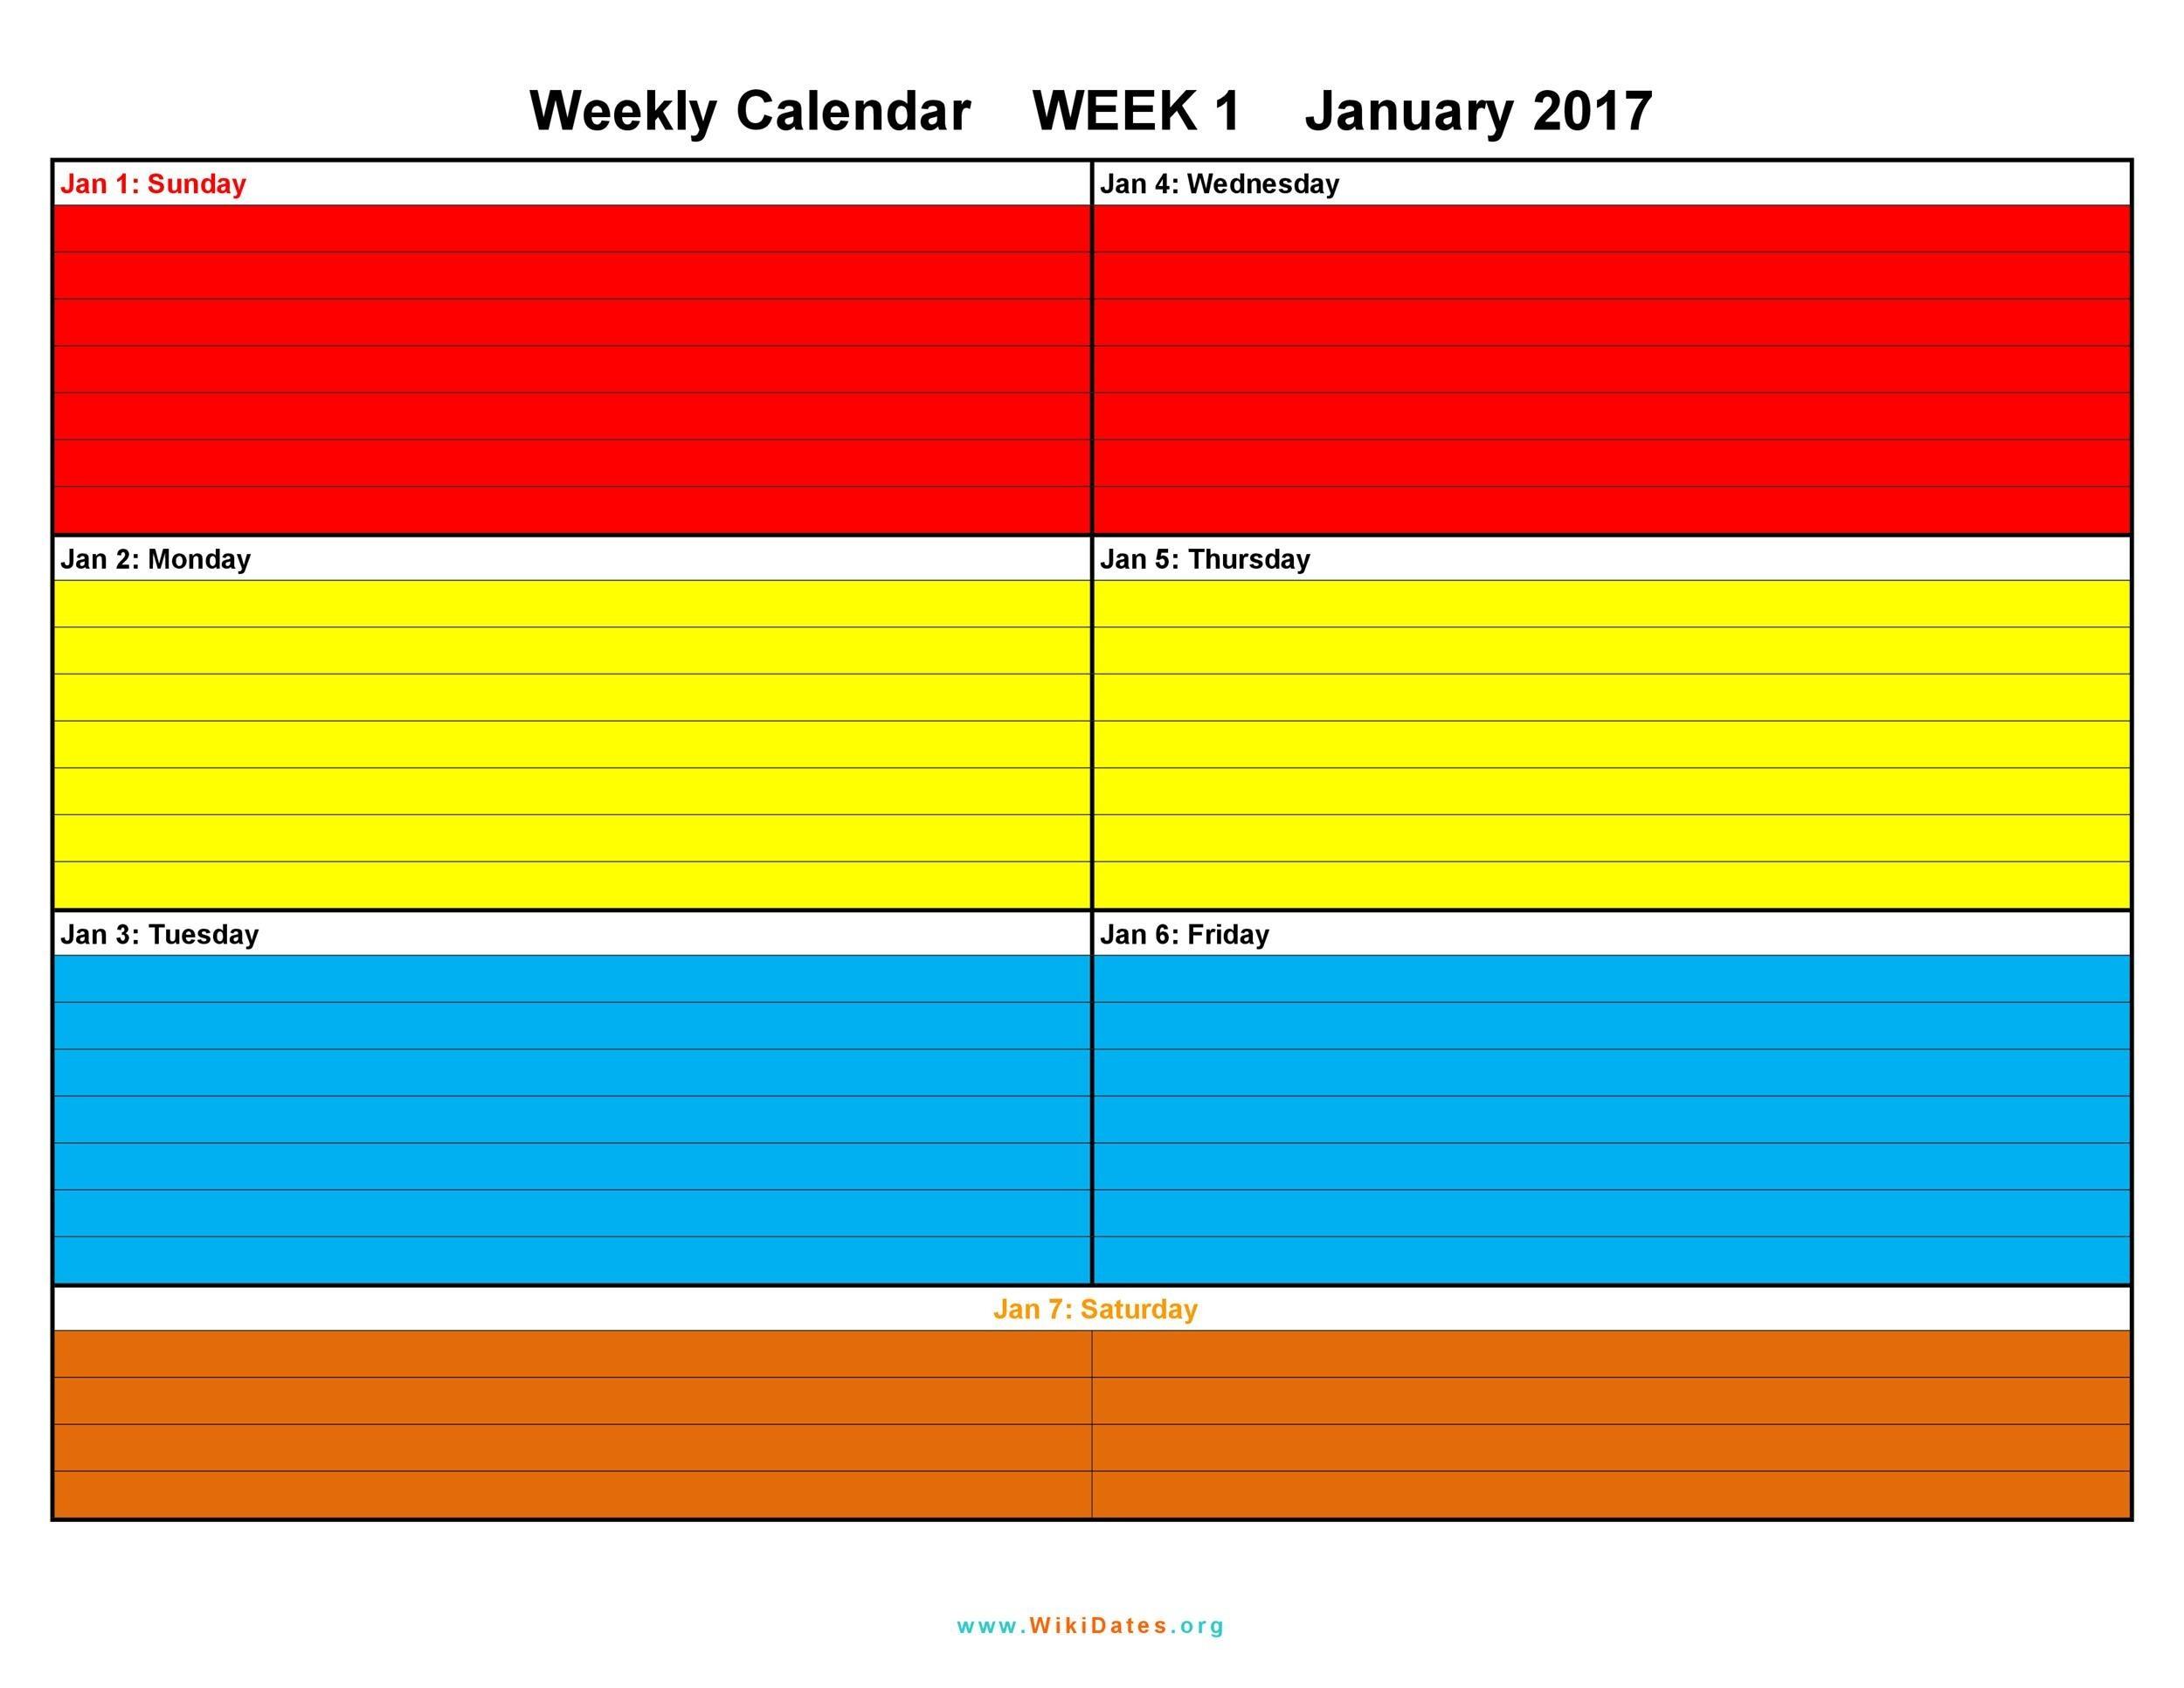 26 Blank Weekly Calendar Templates Excel Word